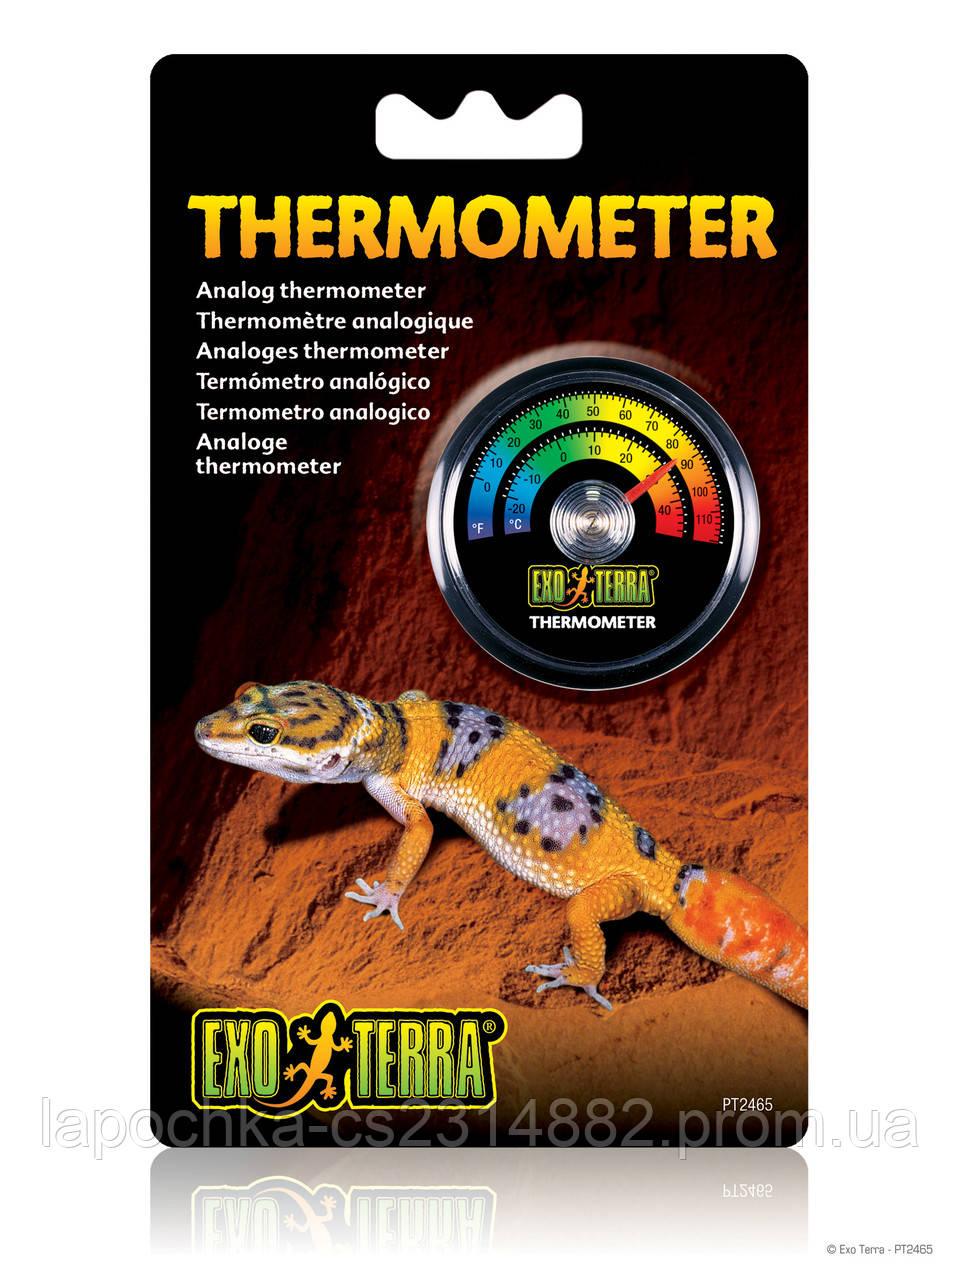 Термометр Exo Terra Analog Thermometer для террариума, аналоговый - Лапочка интернет-магазин зоотоваров в Харькове